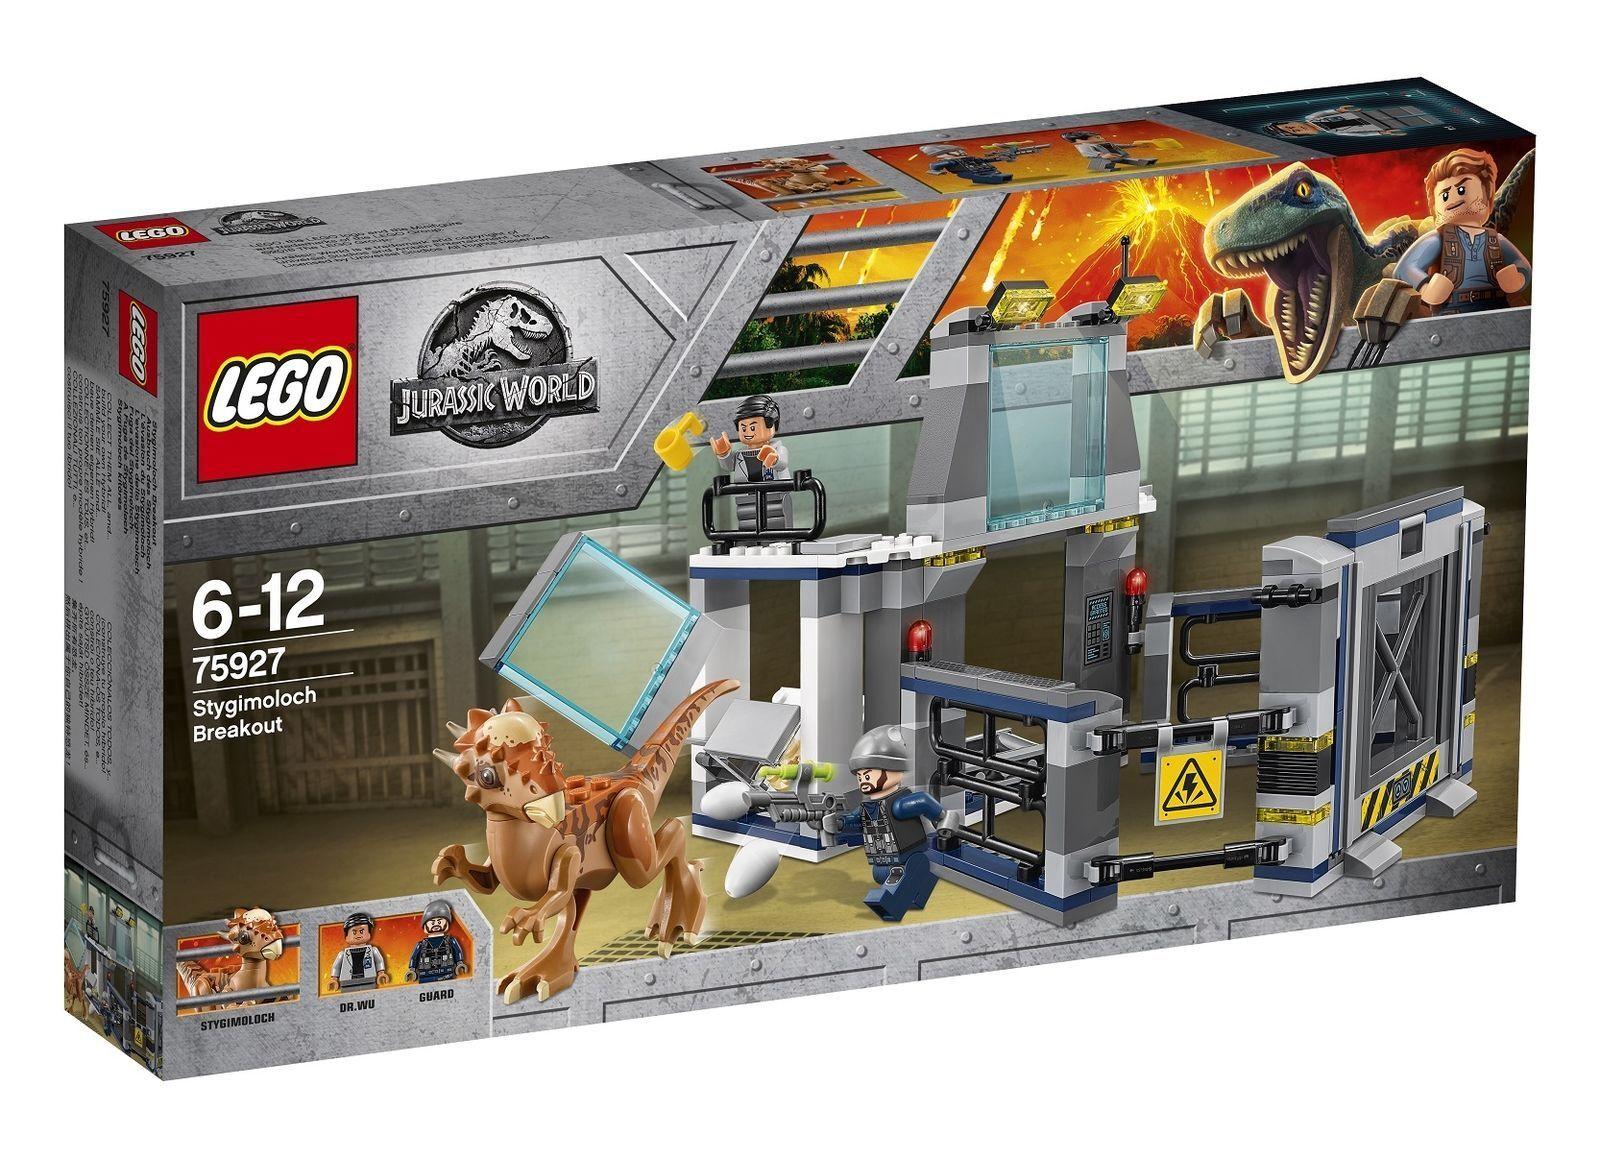 LEGO 75927 Jurassic World Stygimoloch Breakout 2018 (BNIB)